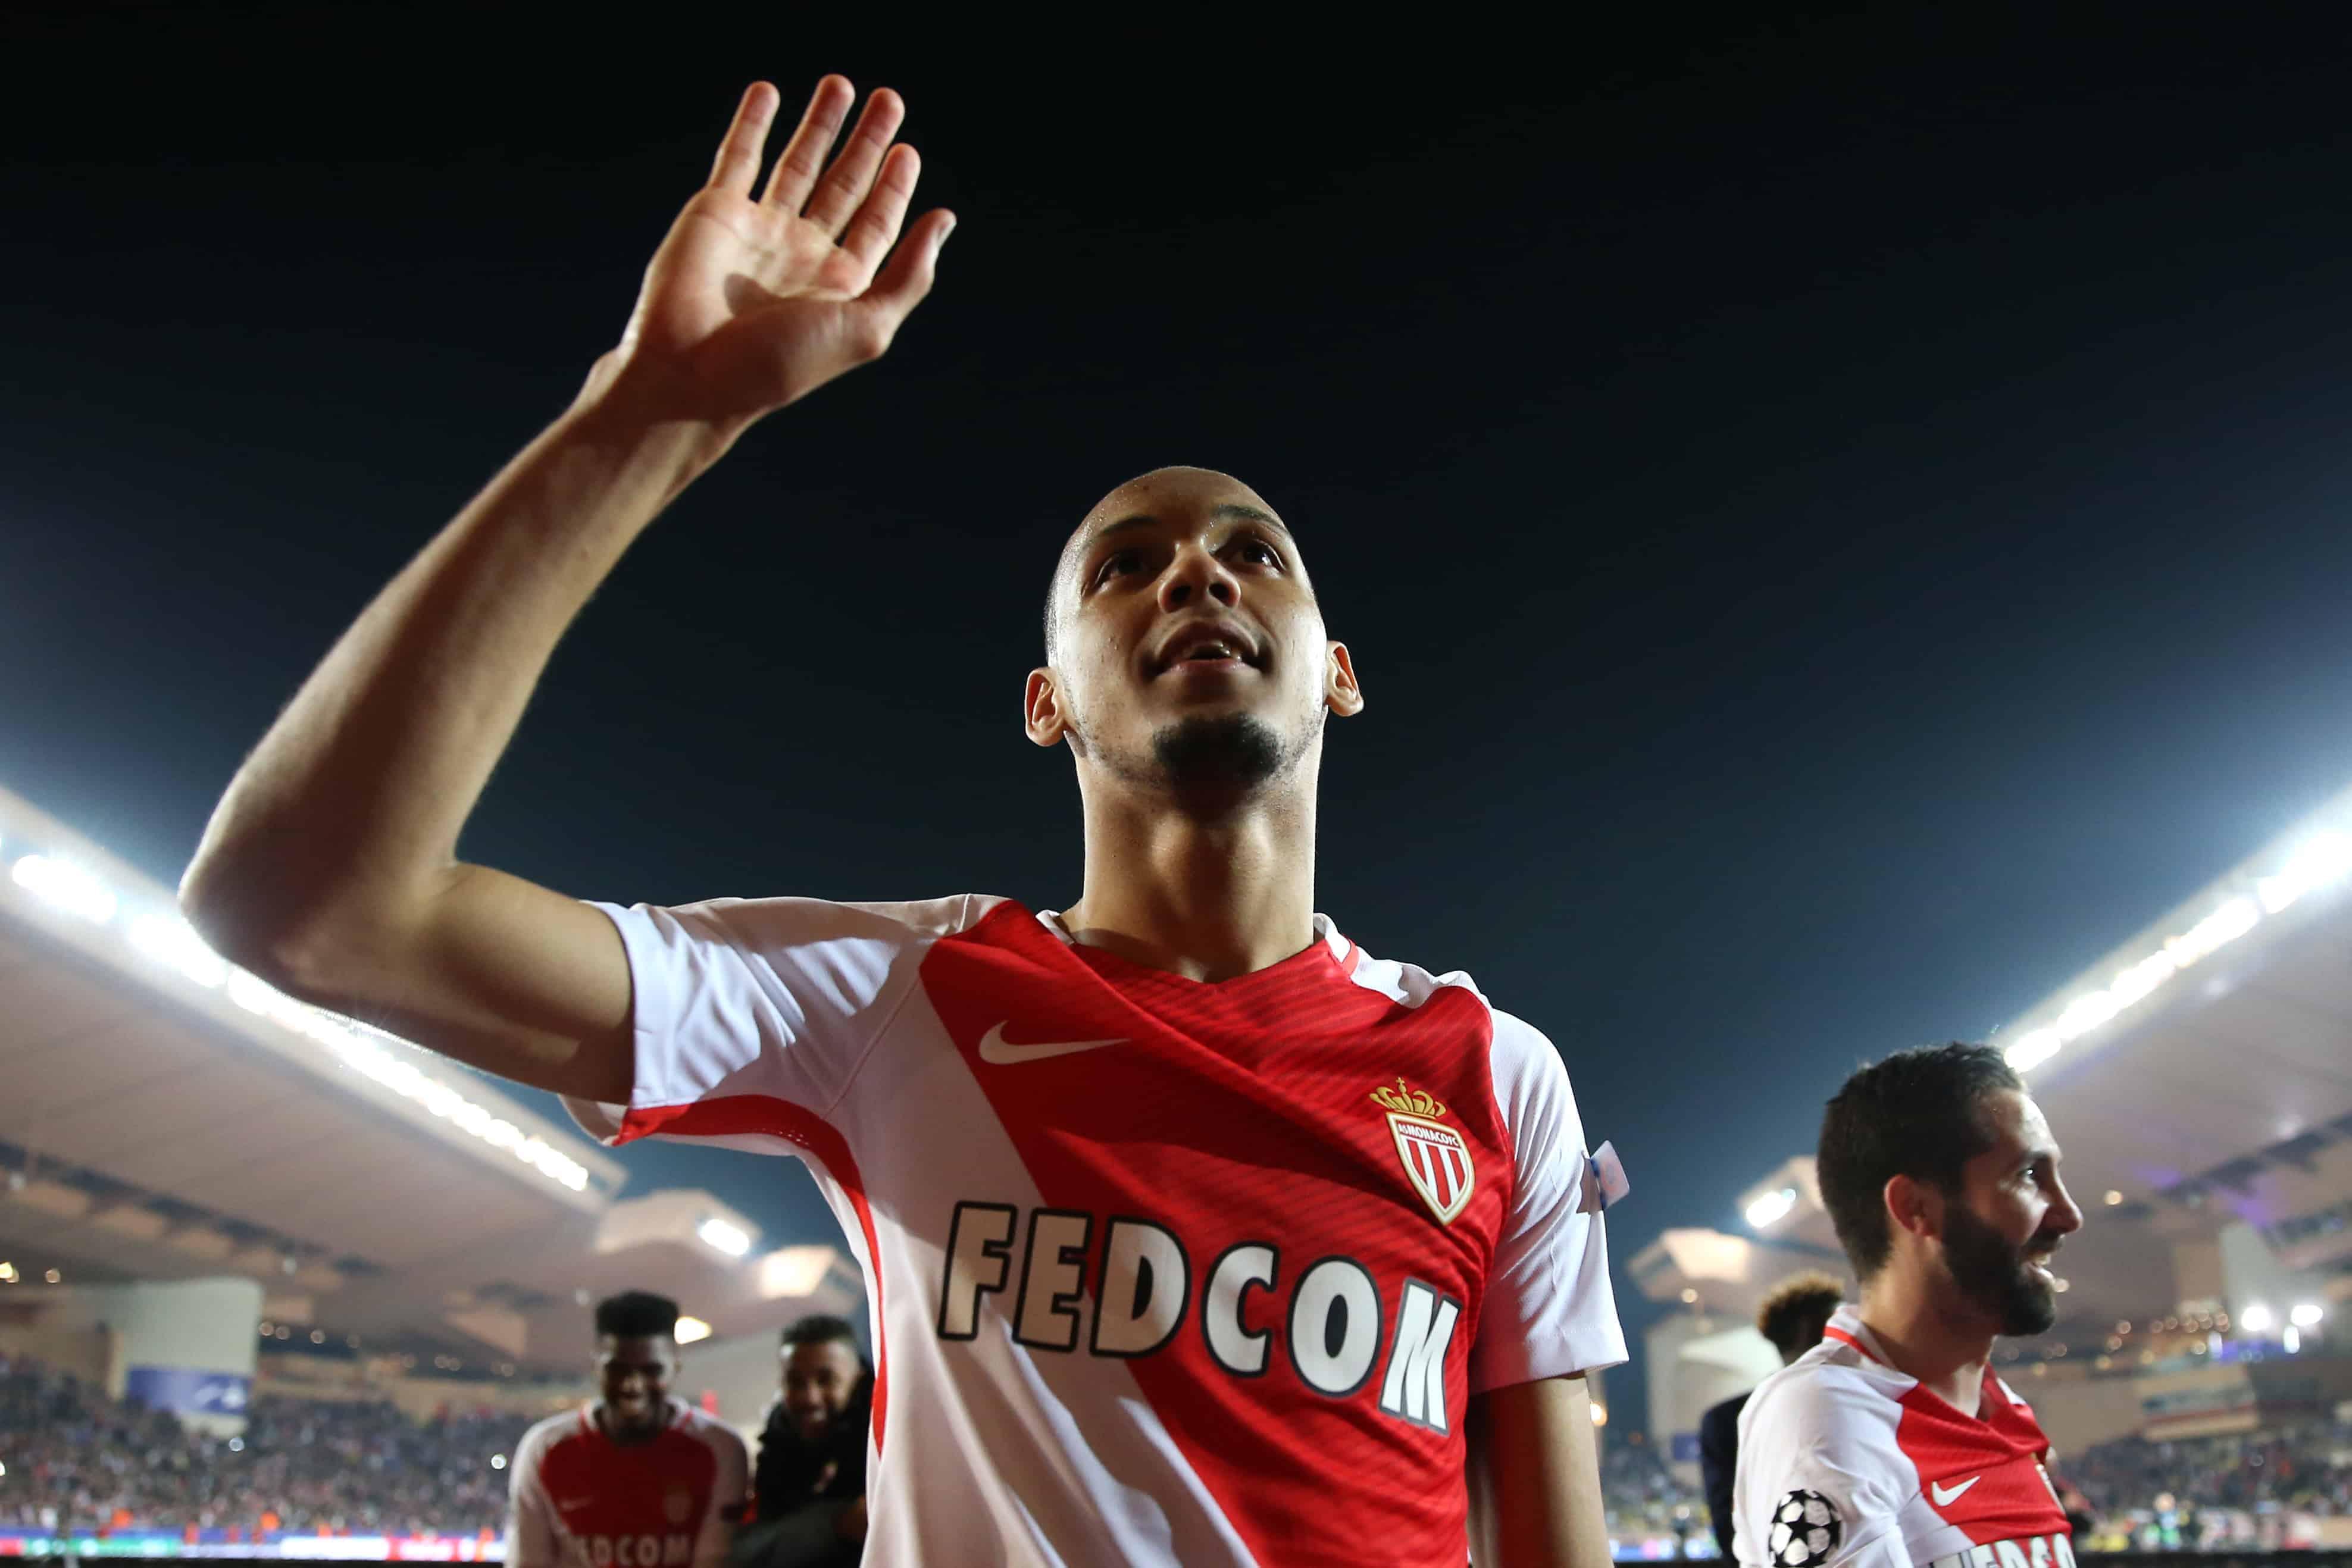 AS Monaco's Henrique Fabinho celebrates after the final whistle